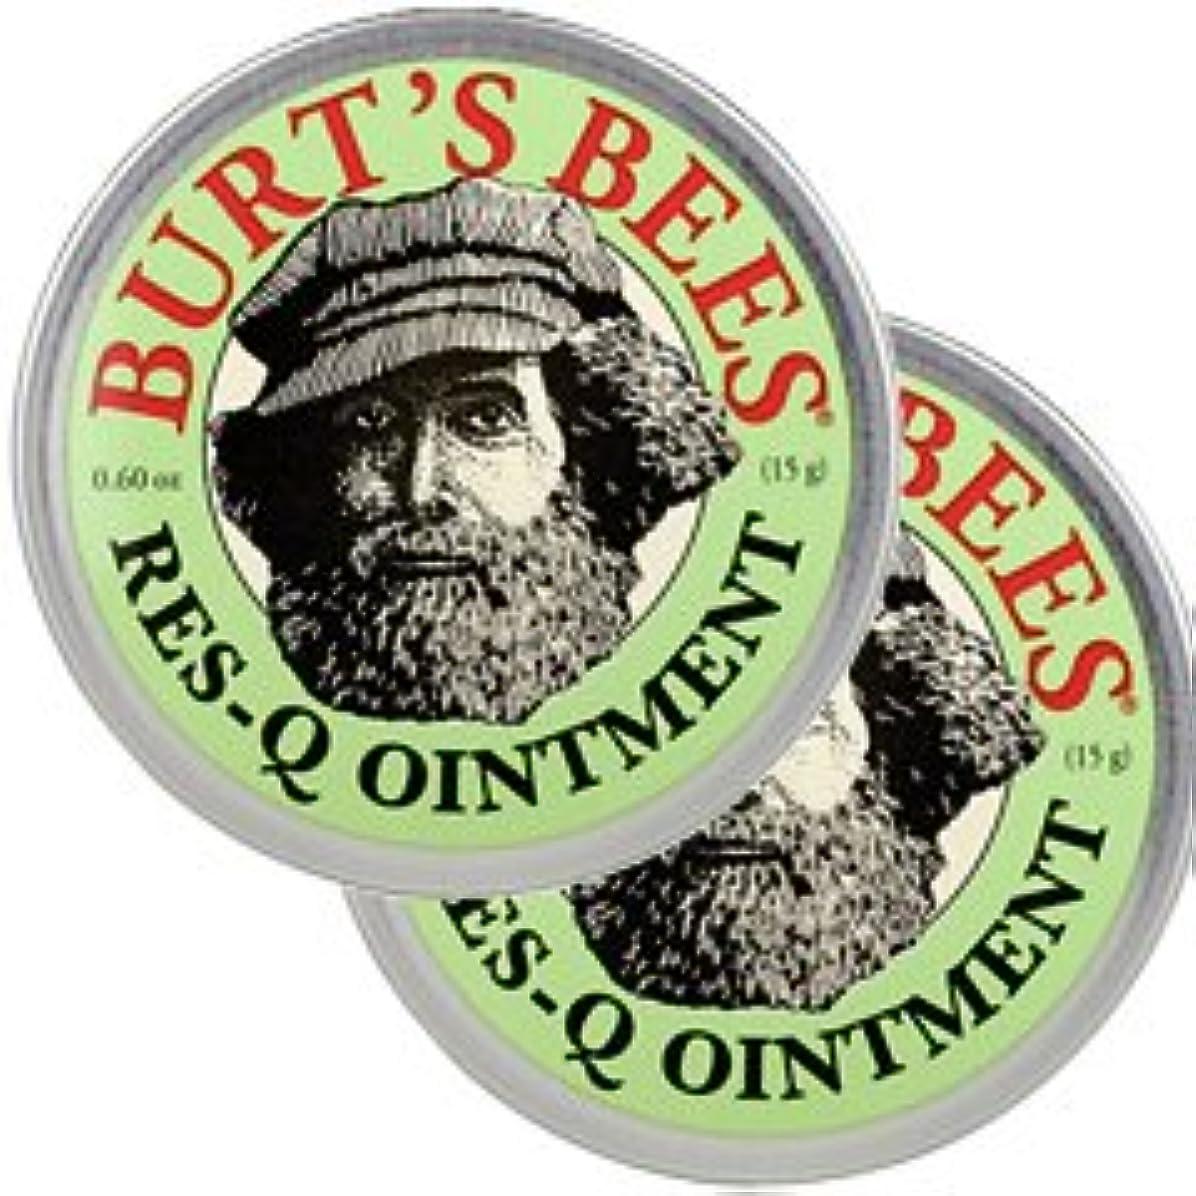 毎月ミッション後ろ、背後、背面(部バーツビーズ(Burt's Bees)レスキュー オイントメント 17g 2個セット[並行輸入品][海外直送品]